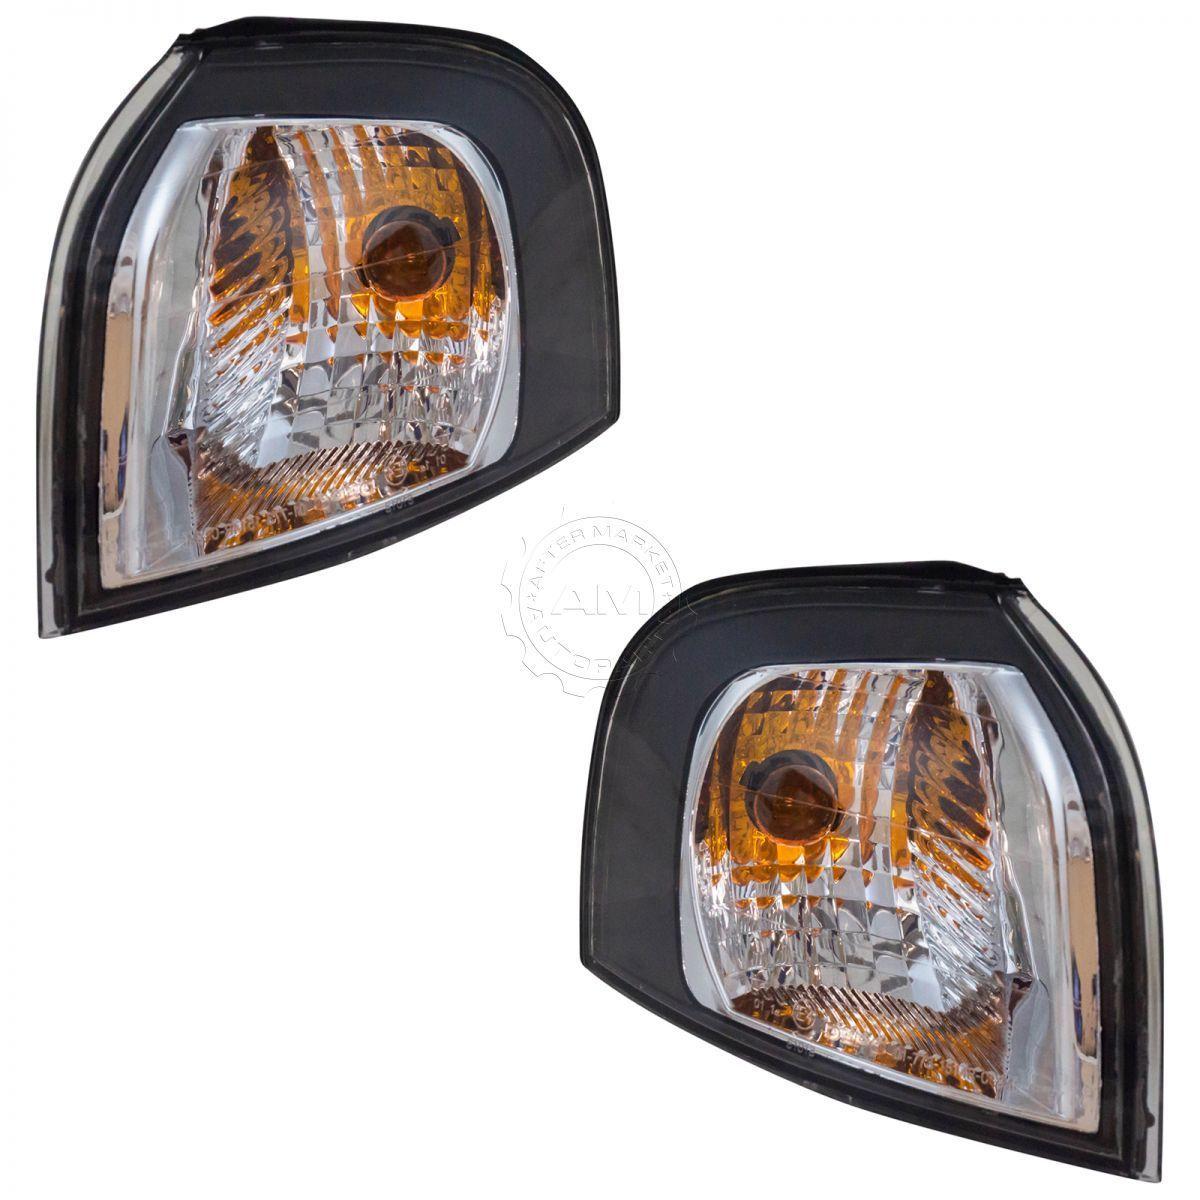 コーナーライト Side Corner Marker Parking Turn Signal Lights Lamps Pair Set for S60 S80 V70 サイドコーナーマーカーパーキングターンシグナルランプランプペアS60 S80 V70用